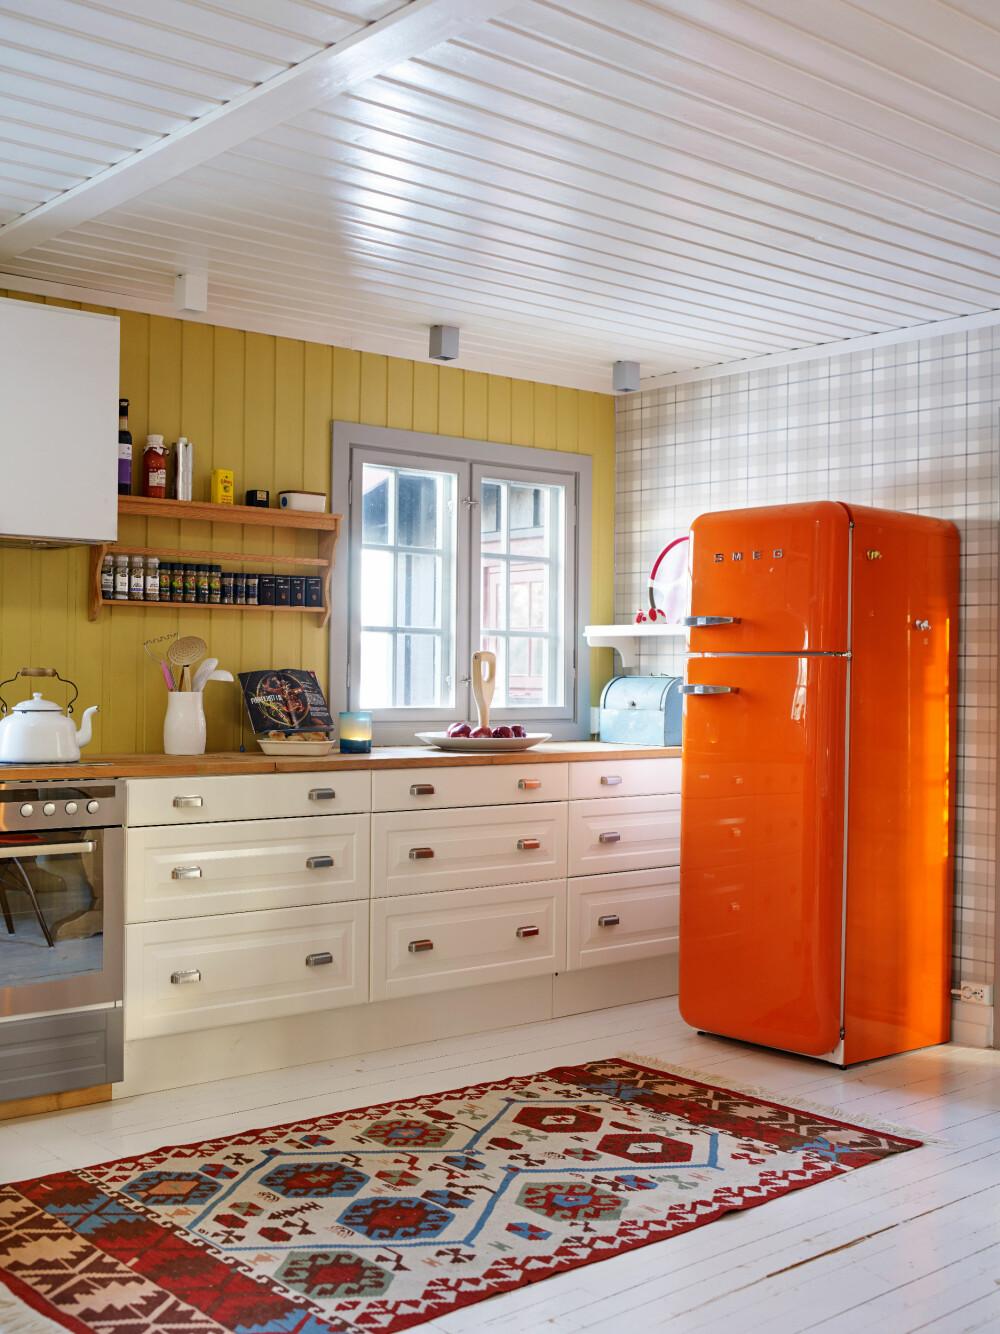 LUN OG GLAD: At Anette blir glad av å være på hytta, skjønner vi godt. Med farger har hun skapt en oppkvikkende atmosfære. Kjøleskap fra Smeg. Da de utvidet kjøkkenet, skaffet de ekstramoduler fra Ikea.